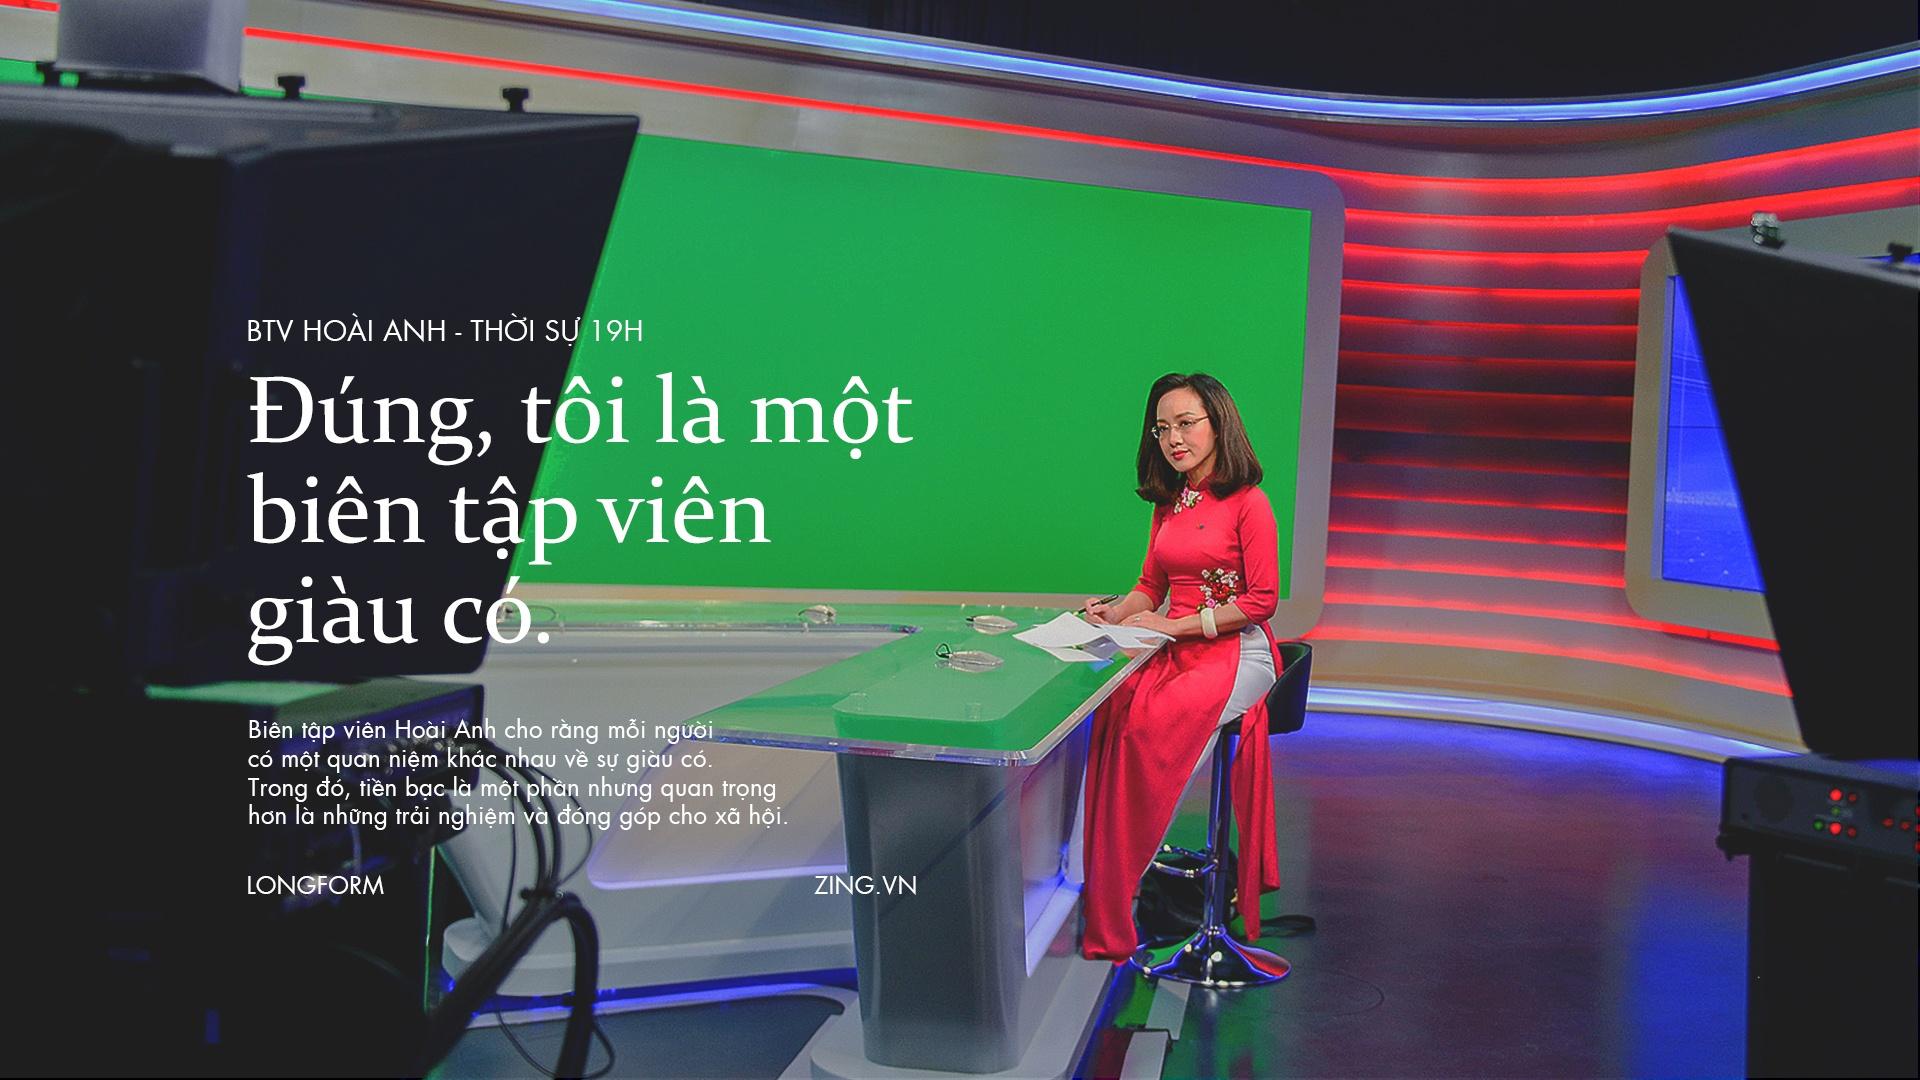 Hoai Anh cua Thoi su VTV: 'Dung, toi la mot bien tap vien giau co' hinh anh 2